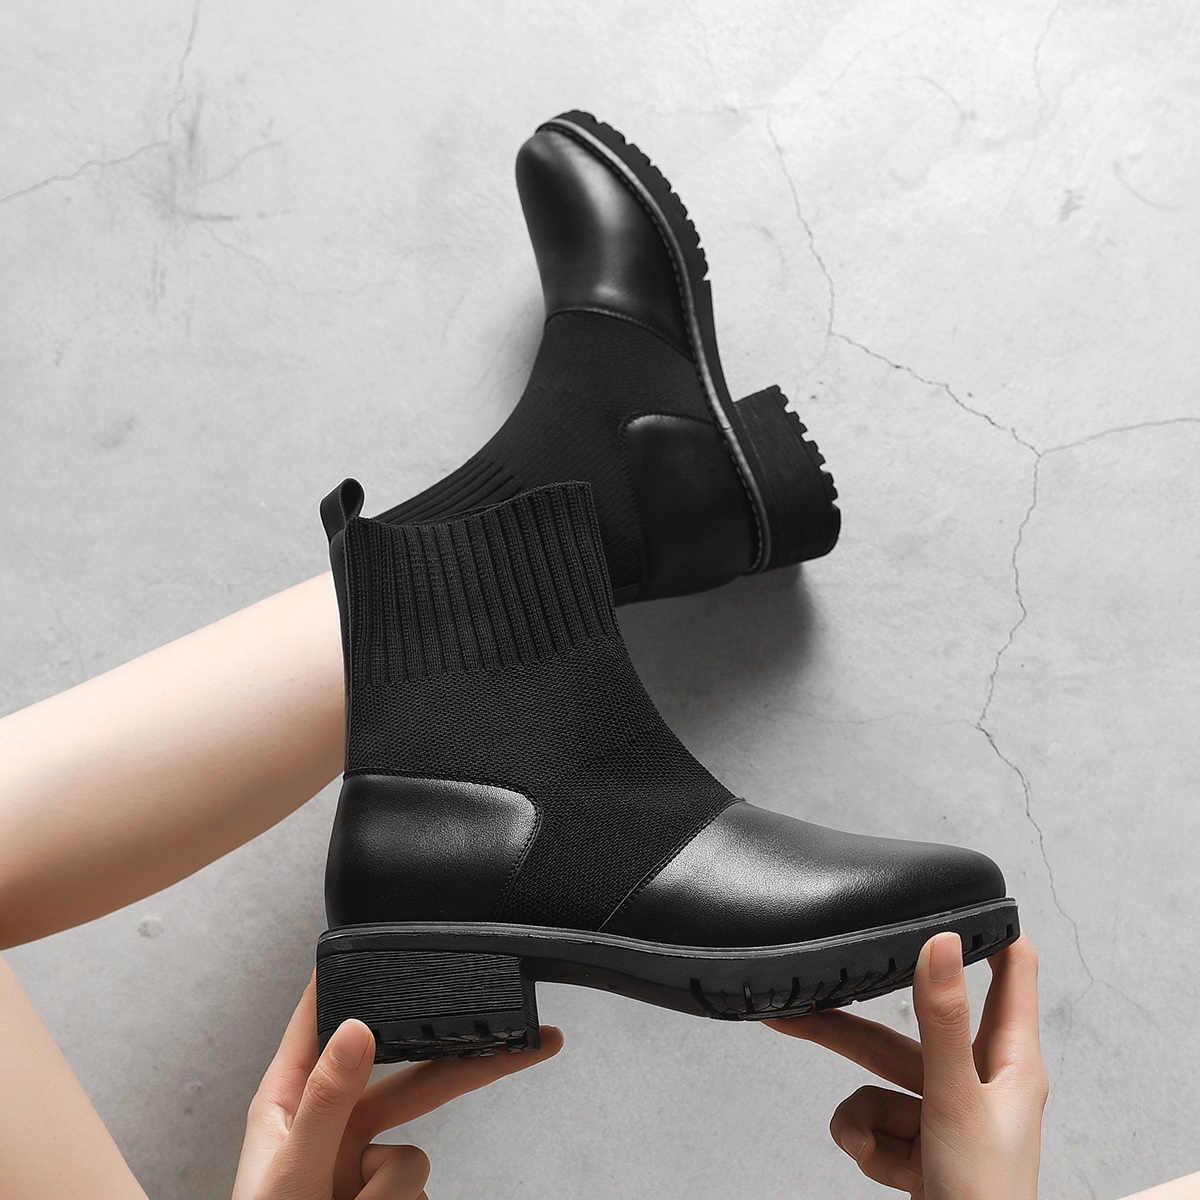 2020 kadın çorap çizmeler sonbahar kış su geçirmez botlar kadın streç ince botları Botin Mujer büyük boy temizleme 942349